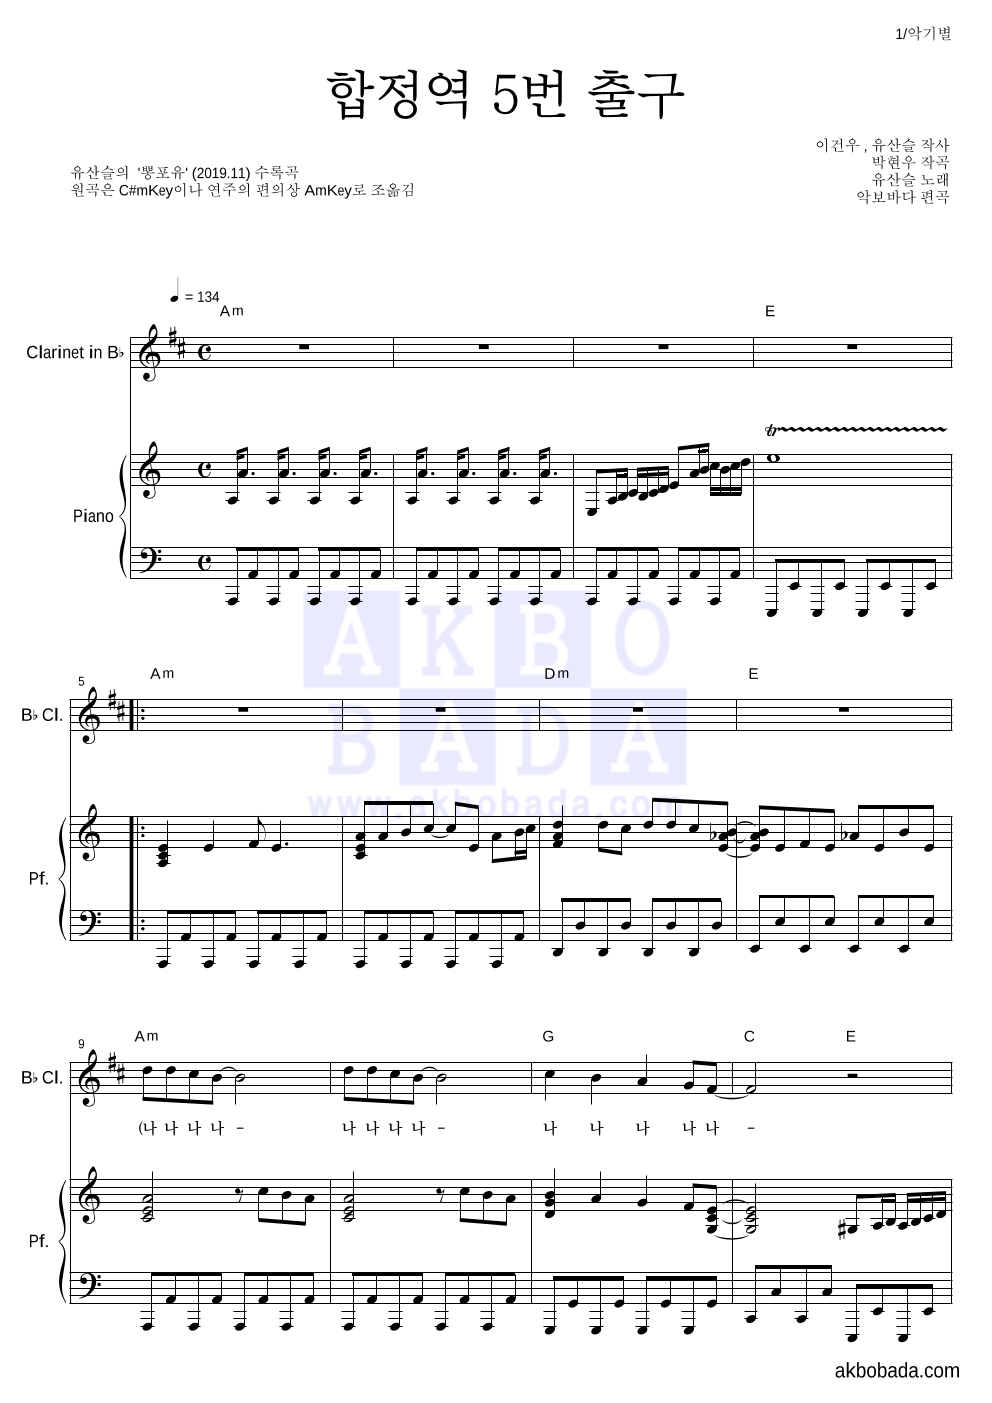 유산슬 - 합정역 5번 출구 클라리넷&피아노 악보